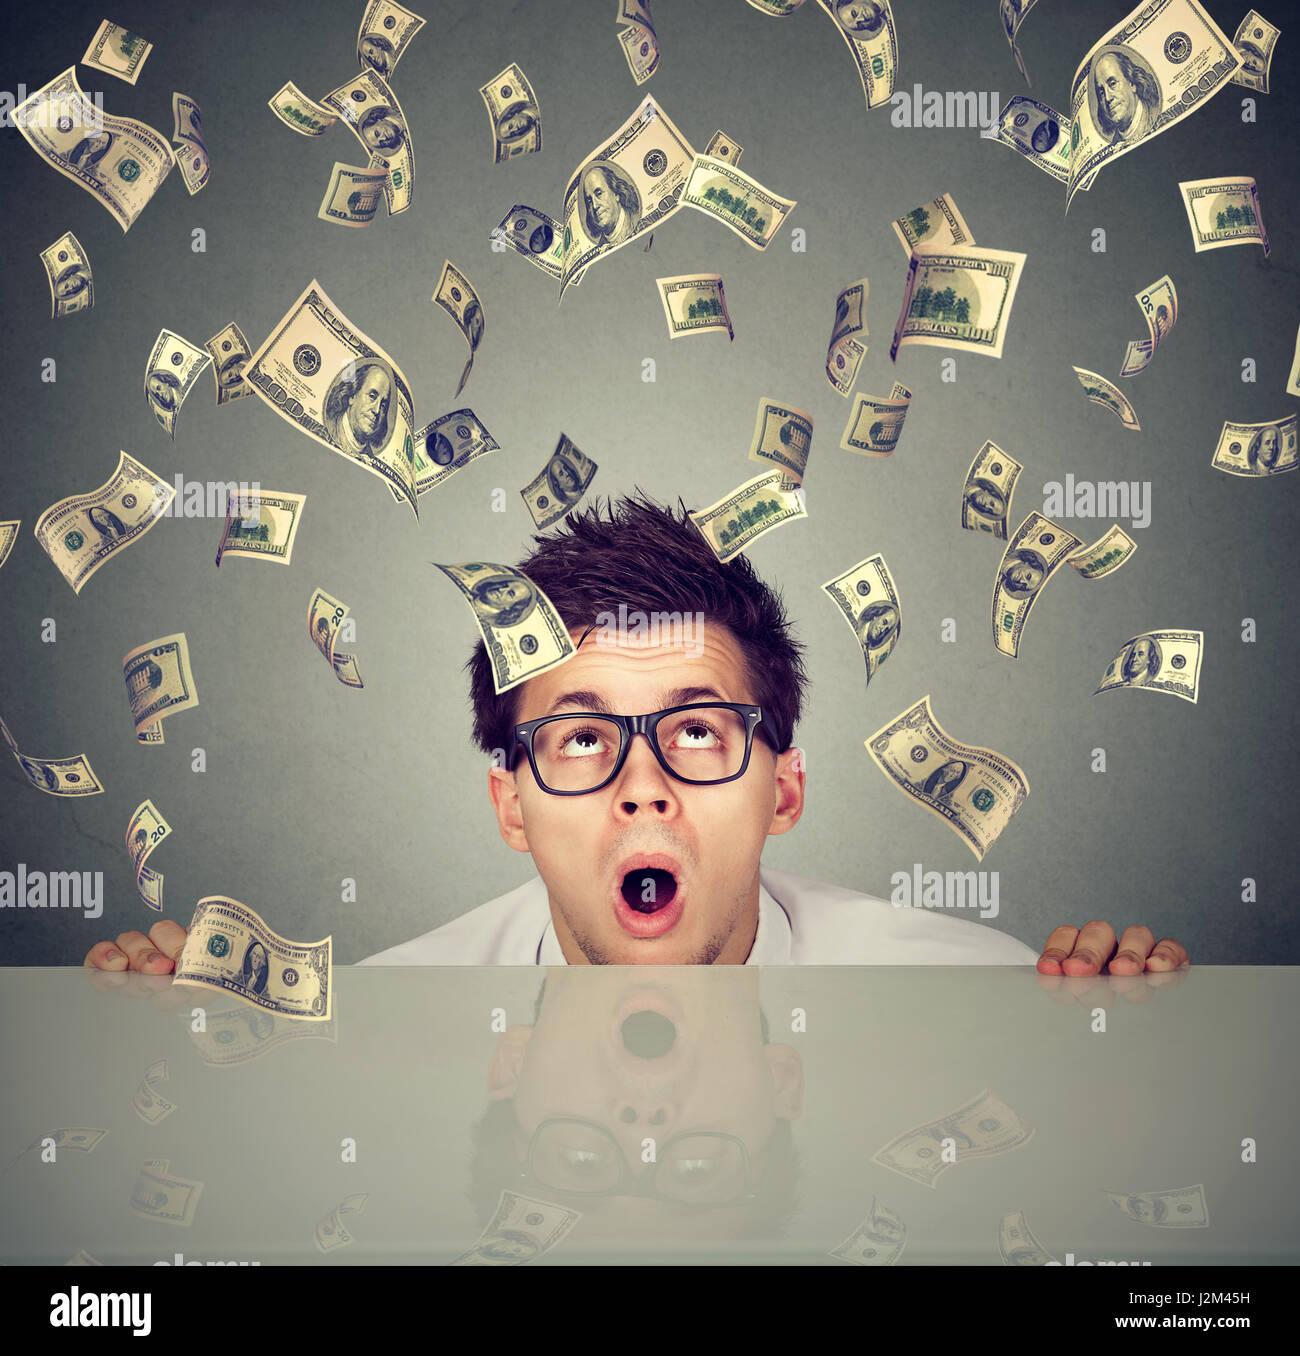 Sorpreso uomo sotto la pioggia di denaro spiata da sotto il tavolo Immagini Stock